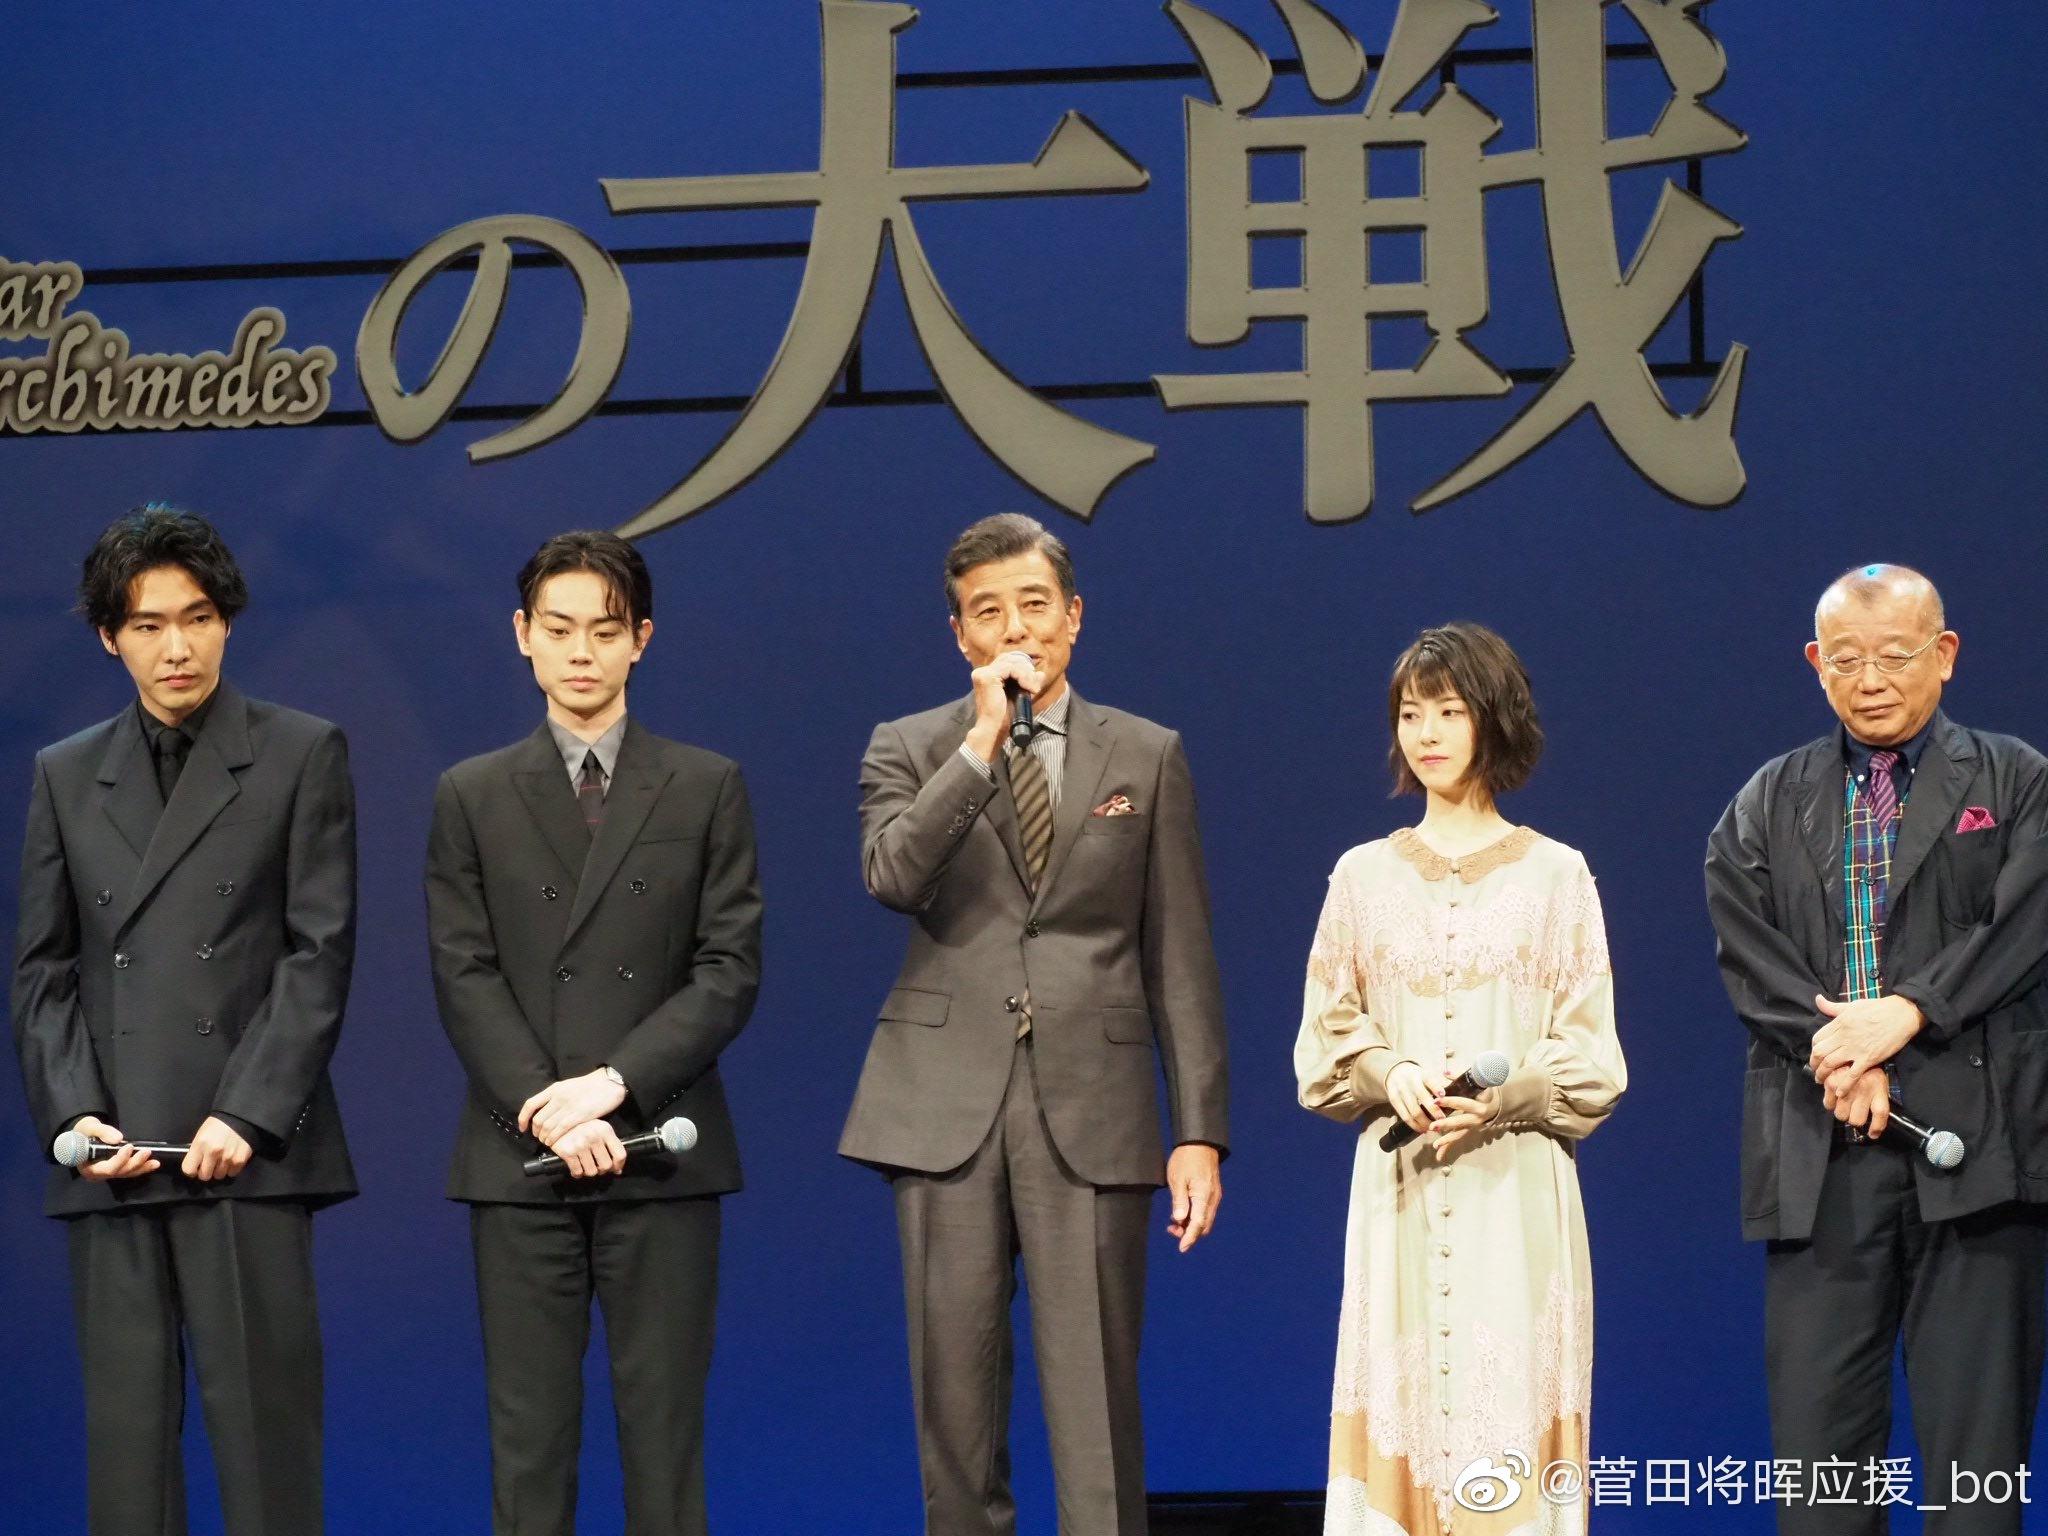 【阿基米德大战】今天是电影完成披露试写会山崎貴导演、菅田将暉桑、柄本佑桑、等人登场